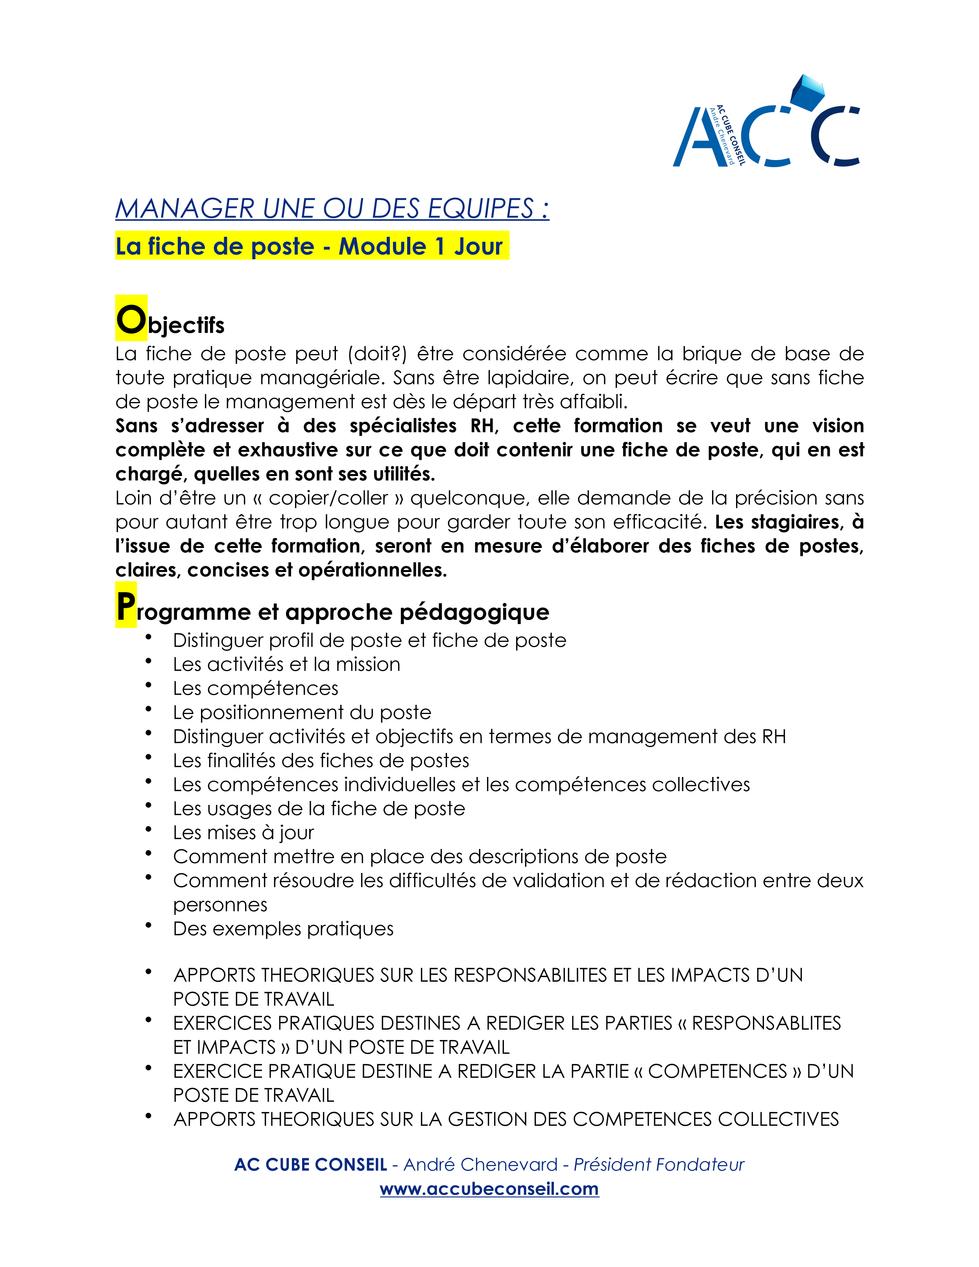 AC CUBE CONSEIL - MANAGER UNE OU DES EQU